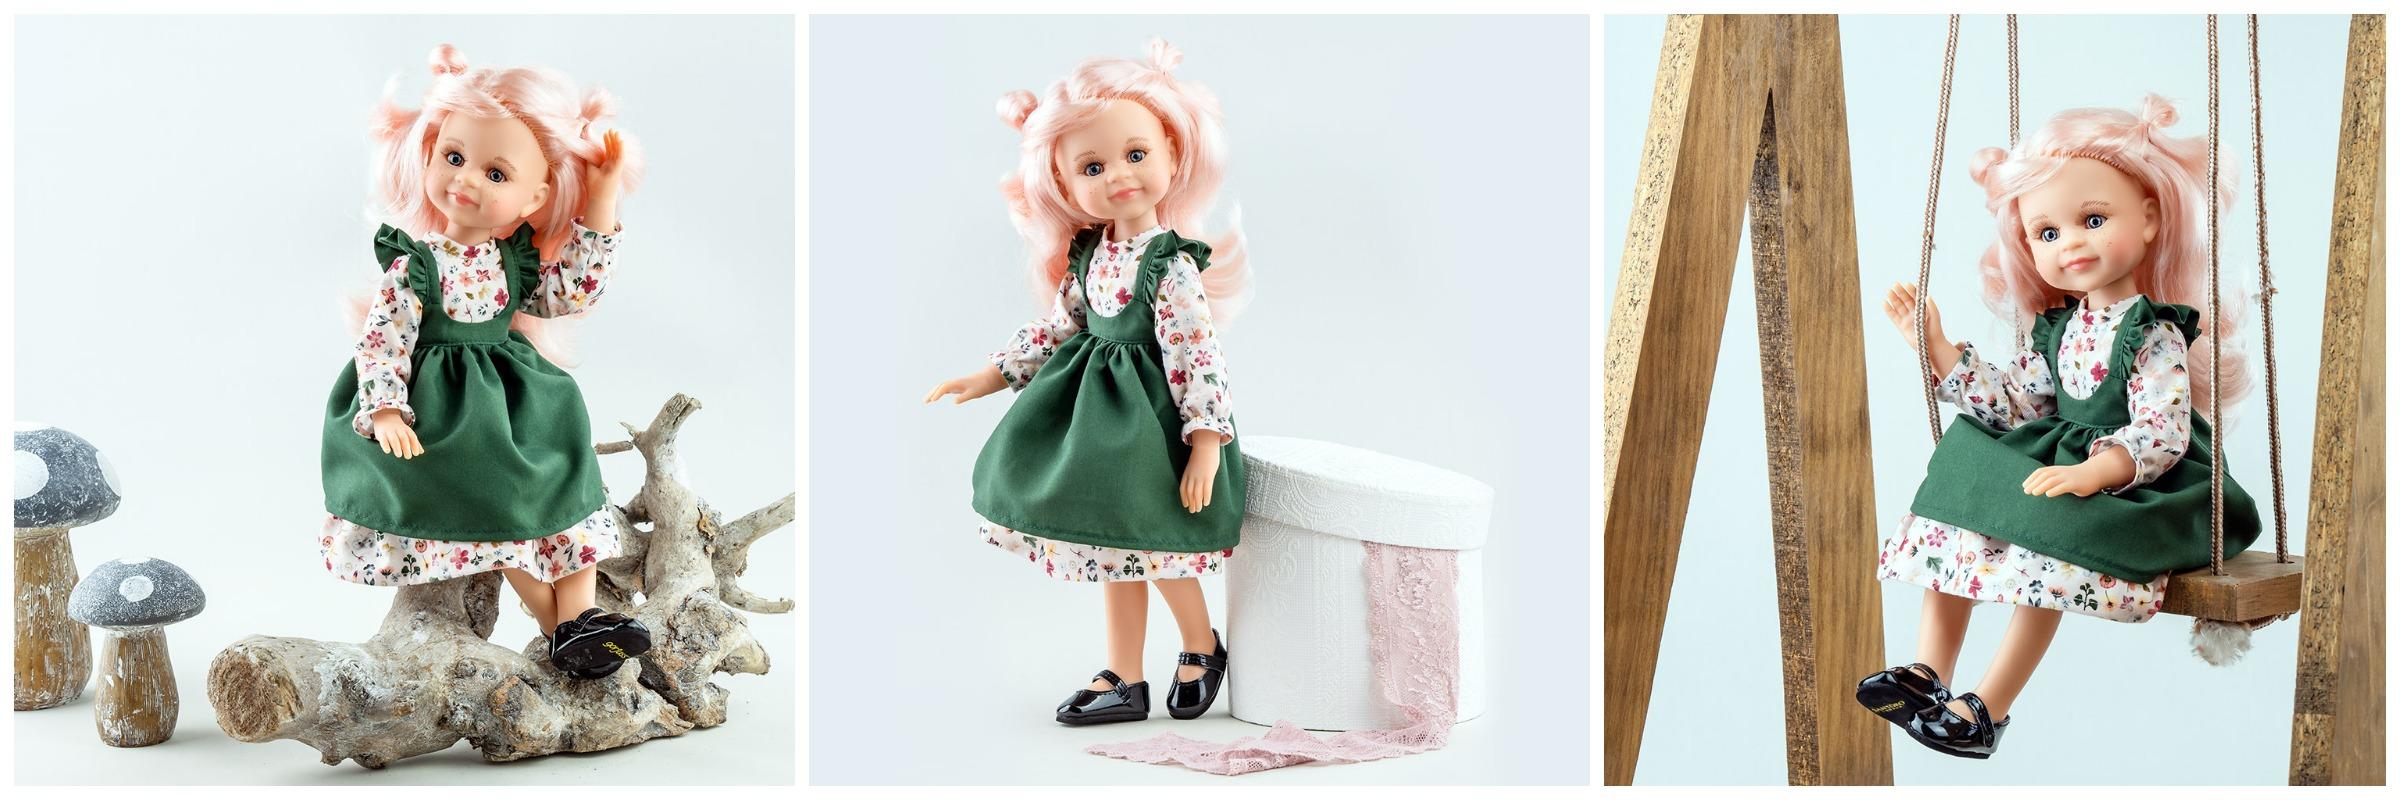 шарнирная кукла паола рейна, испанская кукла на шарнире